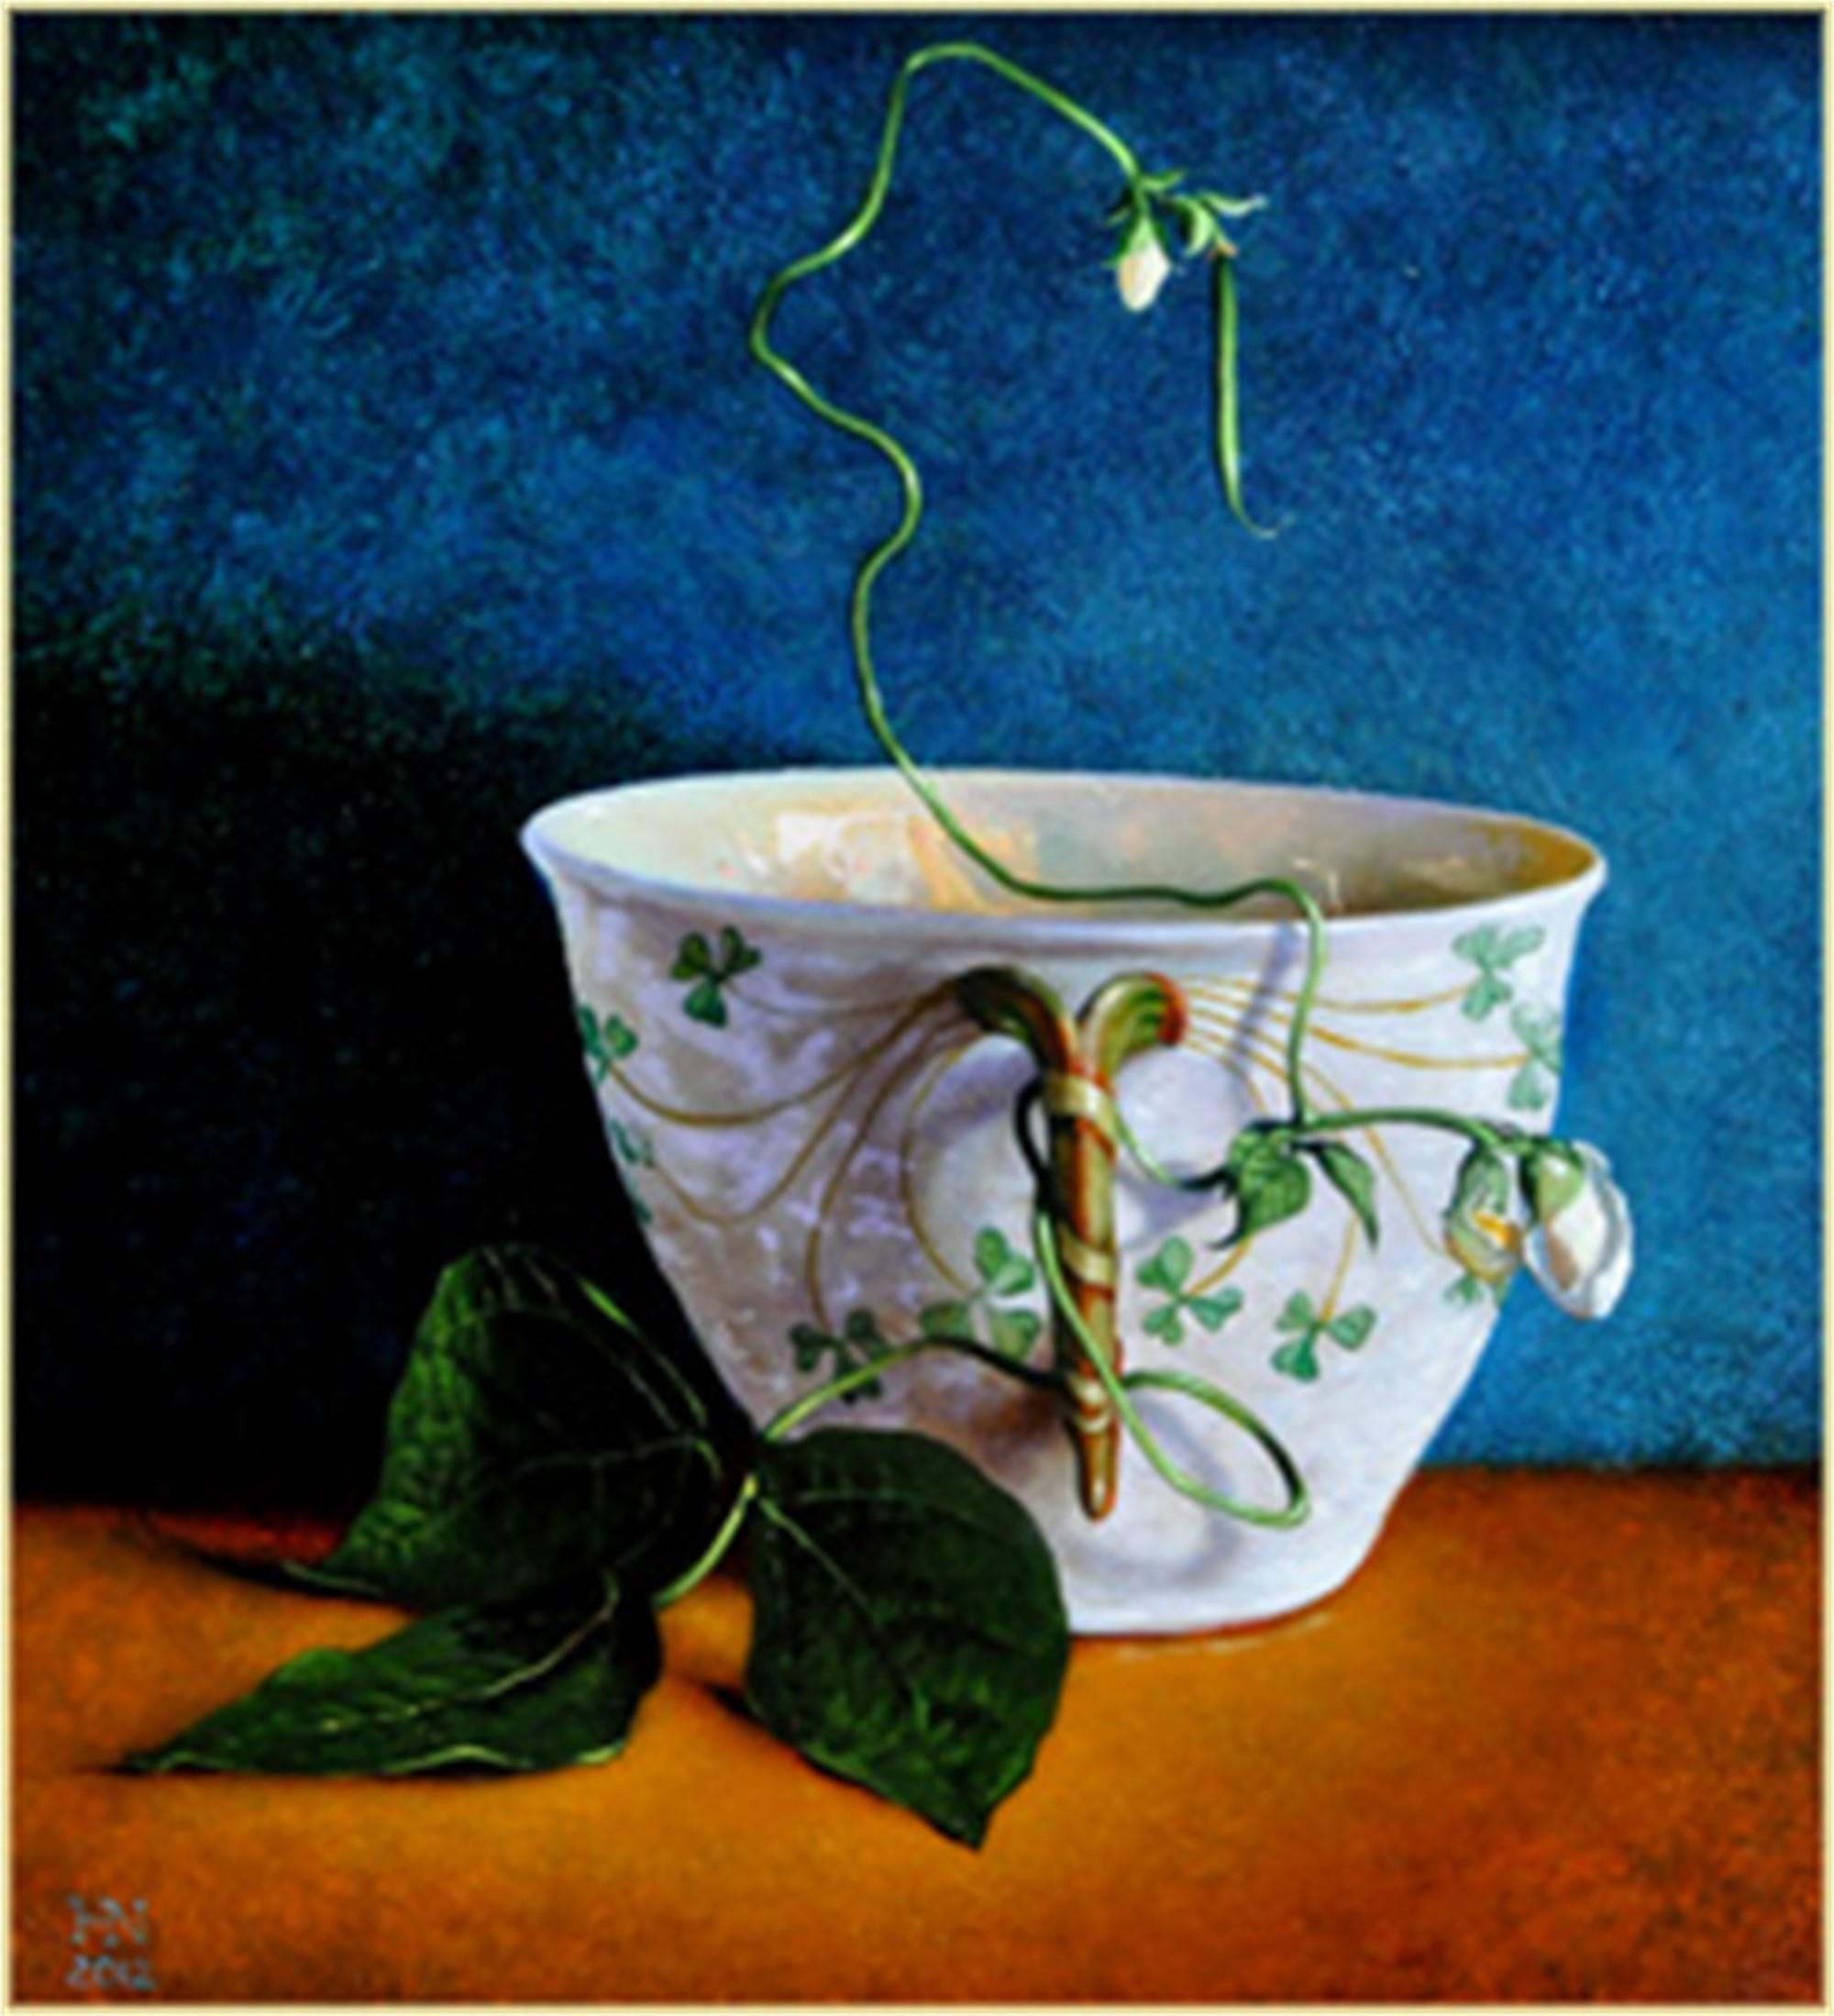 Green Bean Tea by Heather Neill